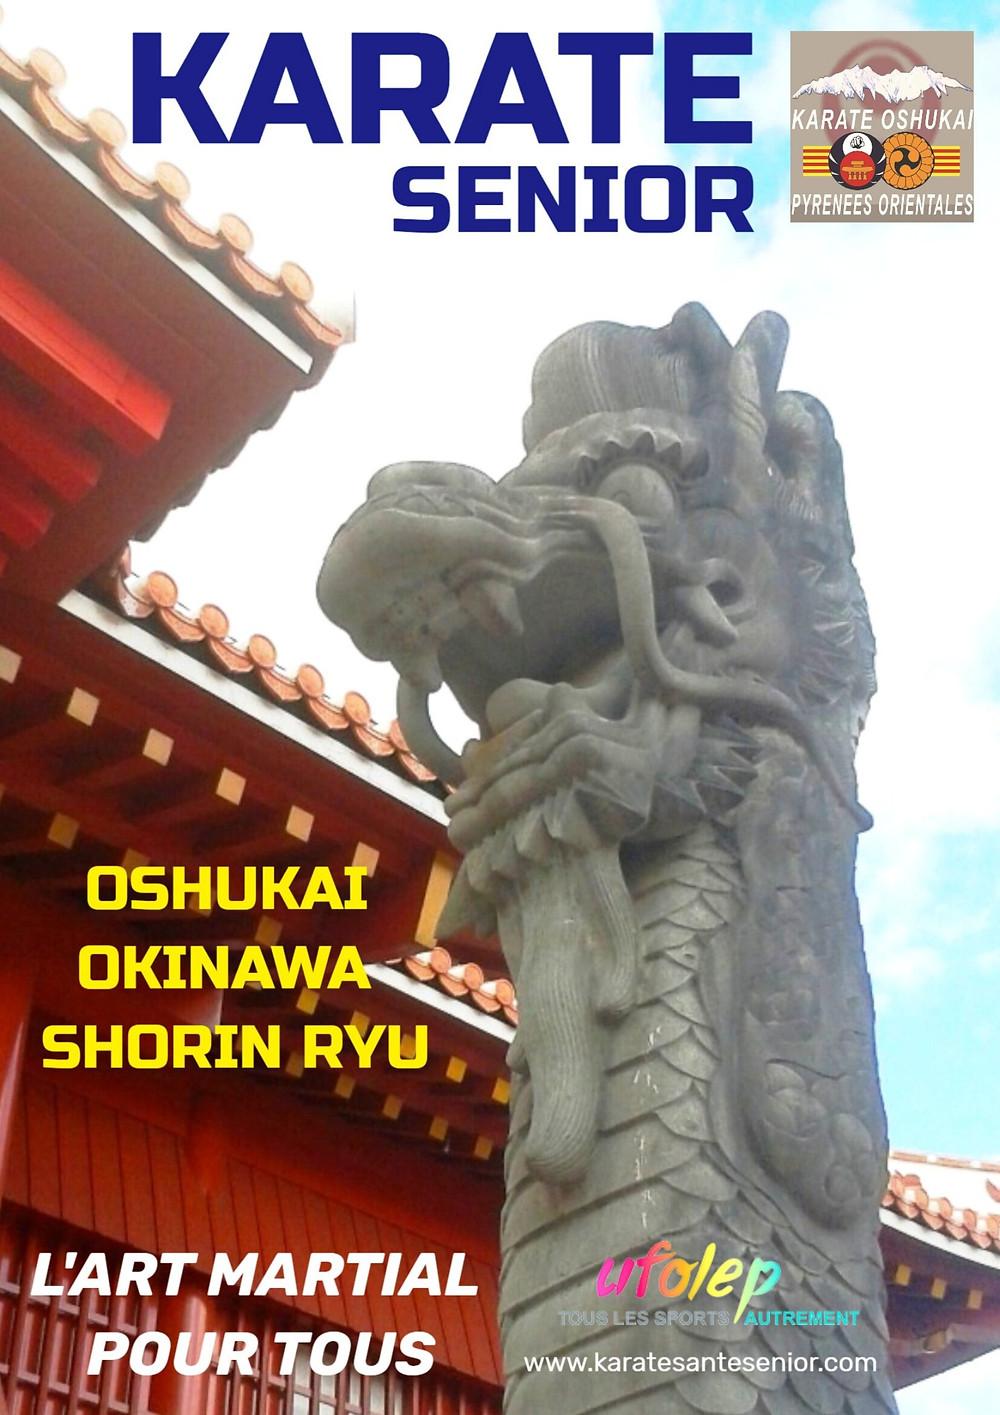 OKINAWA pays des centenaires et du karate